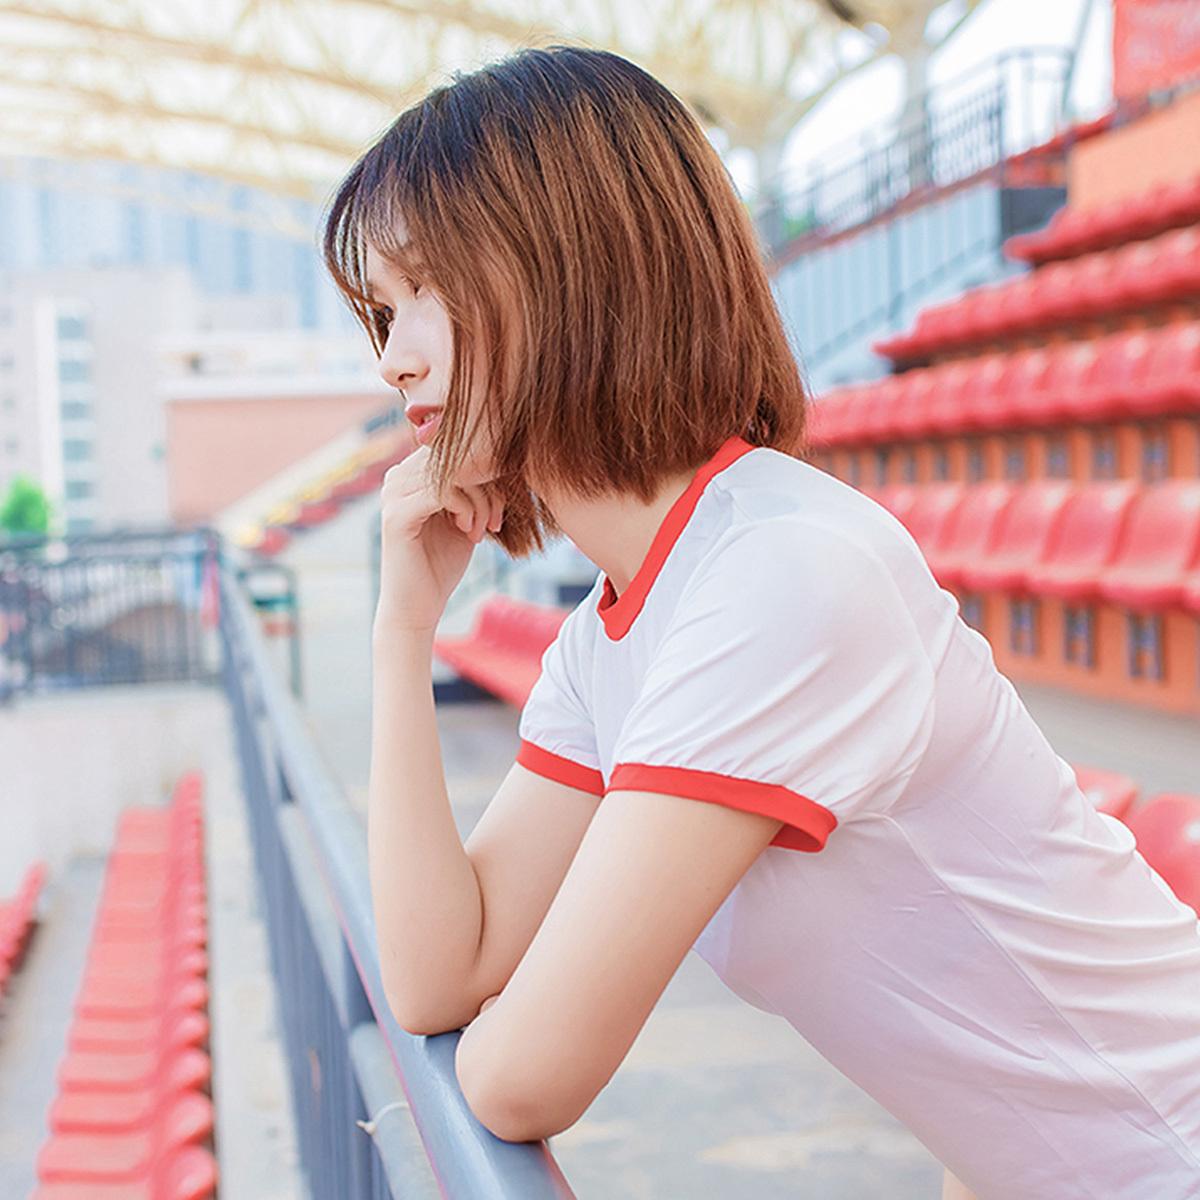 [风之领域] NO.132 体操服少女的过膝白丝